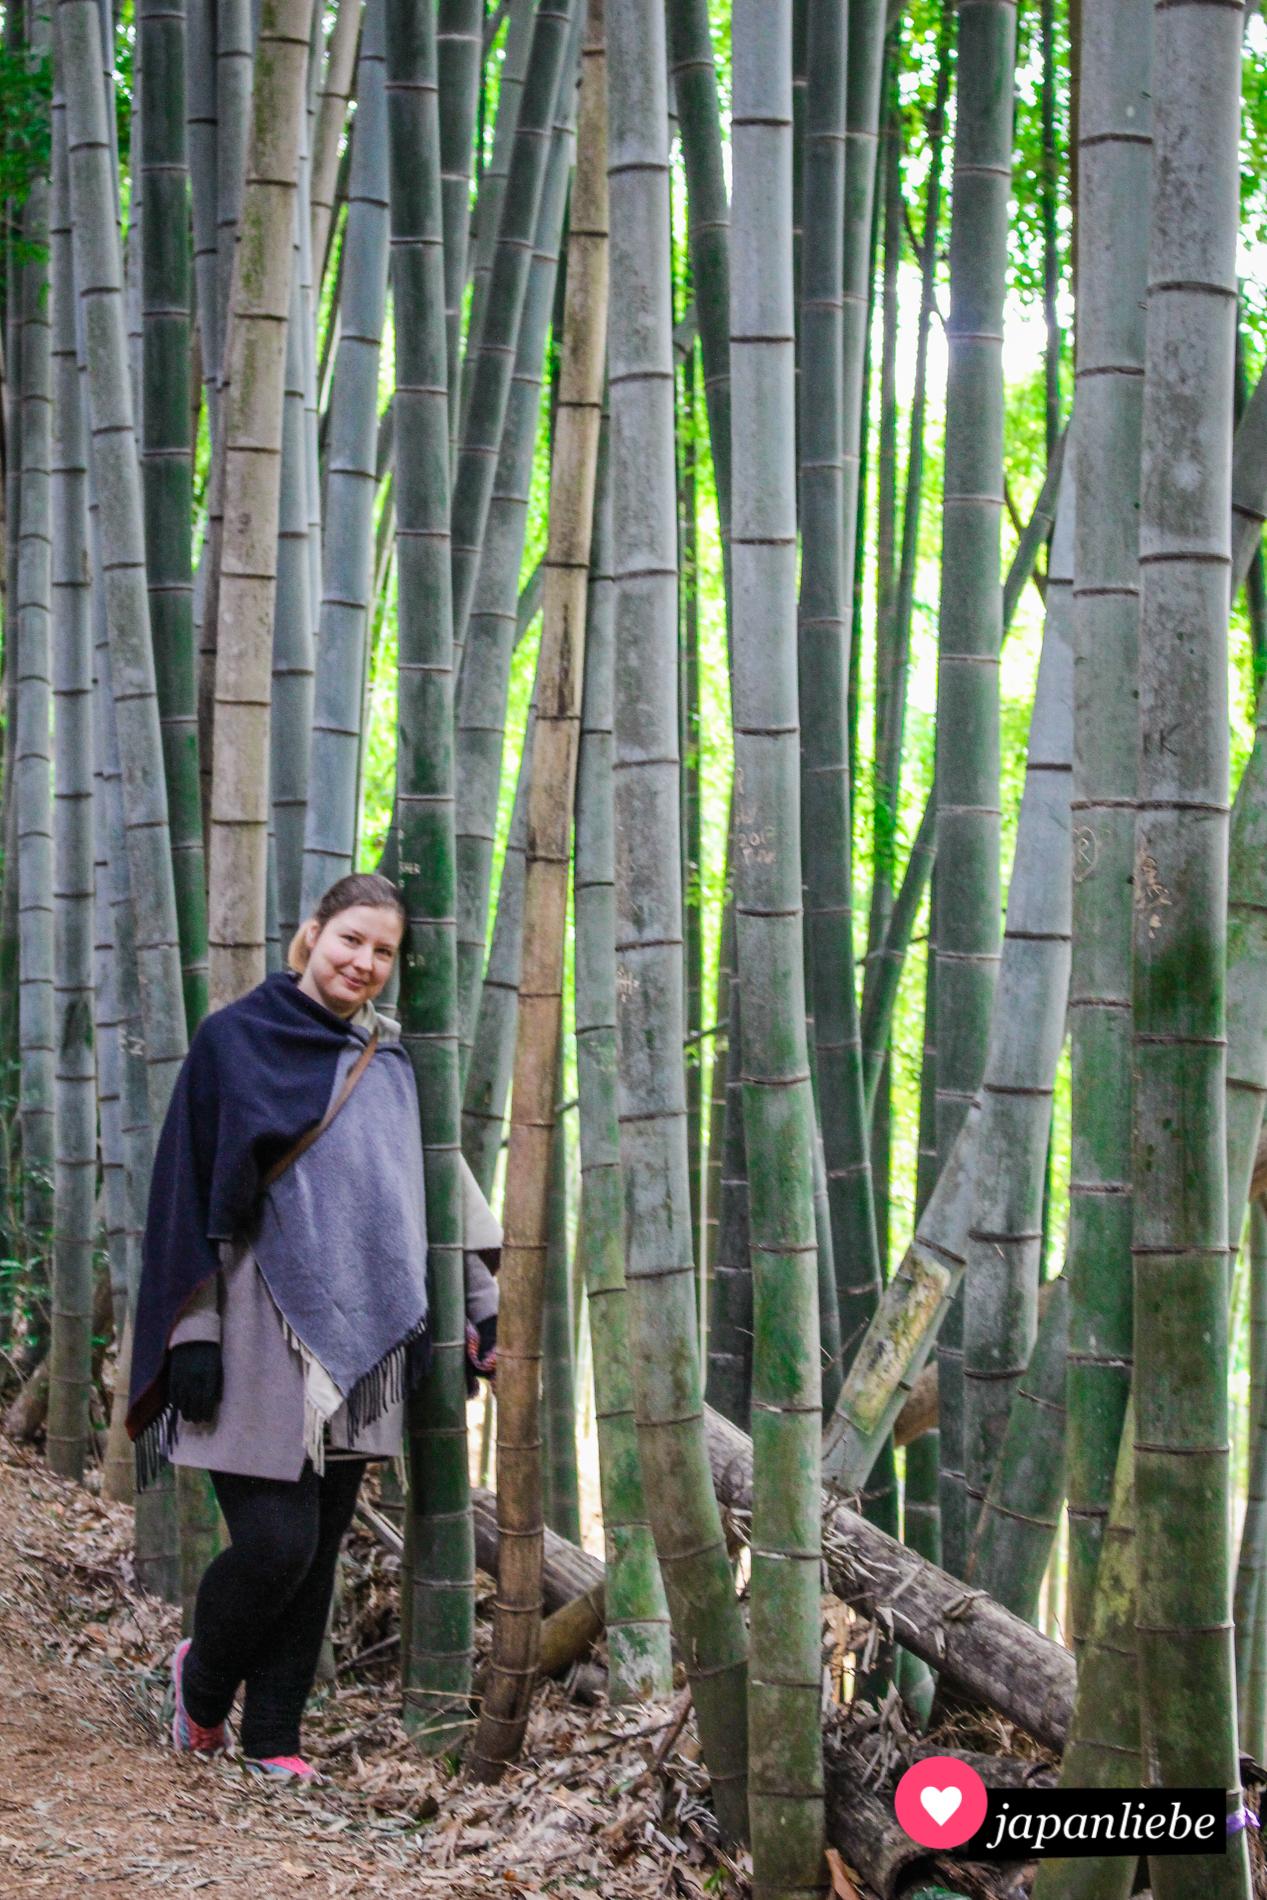 Das kleine Bambuswäldchen am Hang des Berg Inari hatte ich ganz für mich allein.